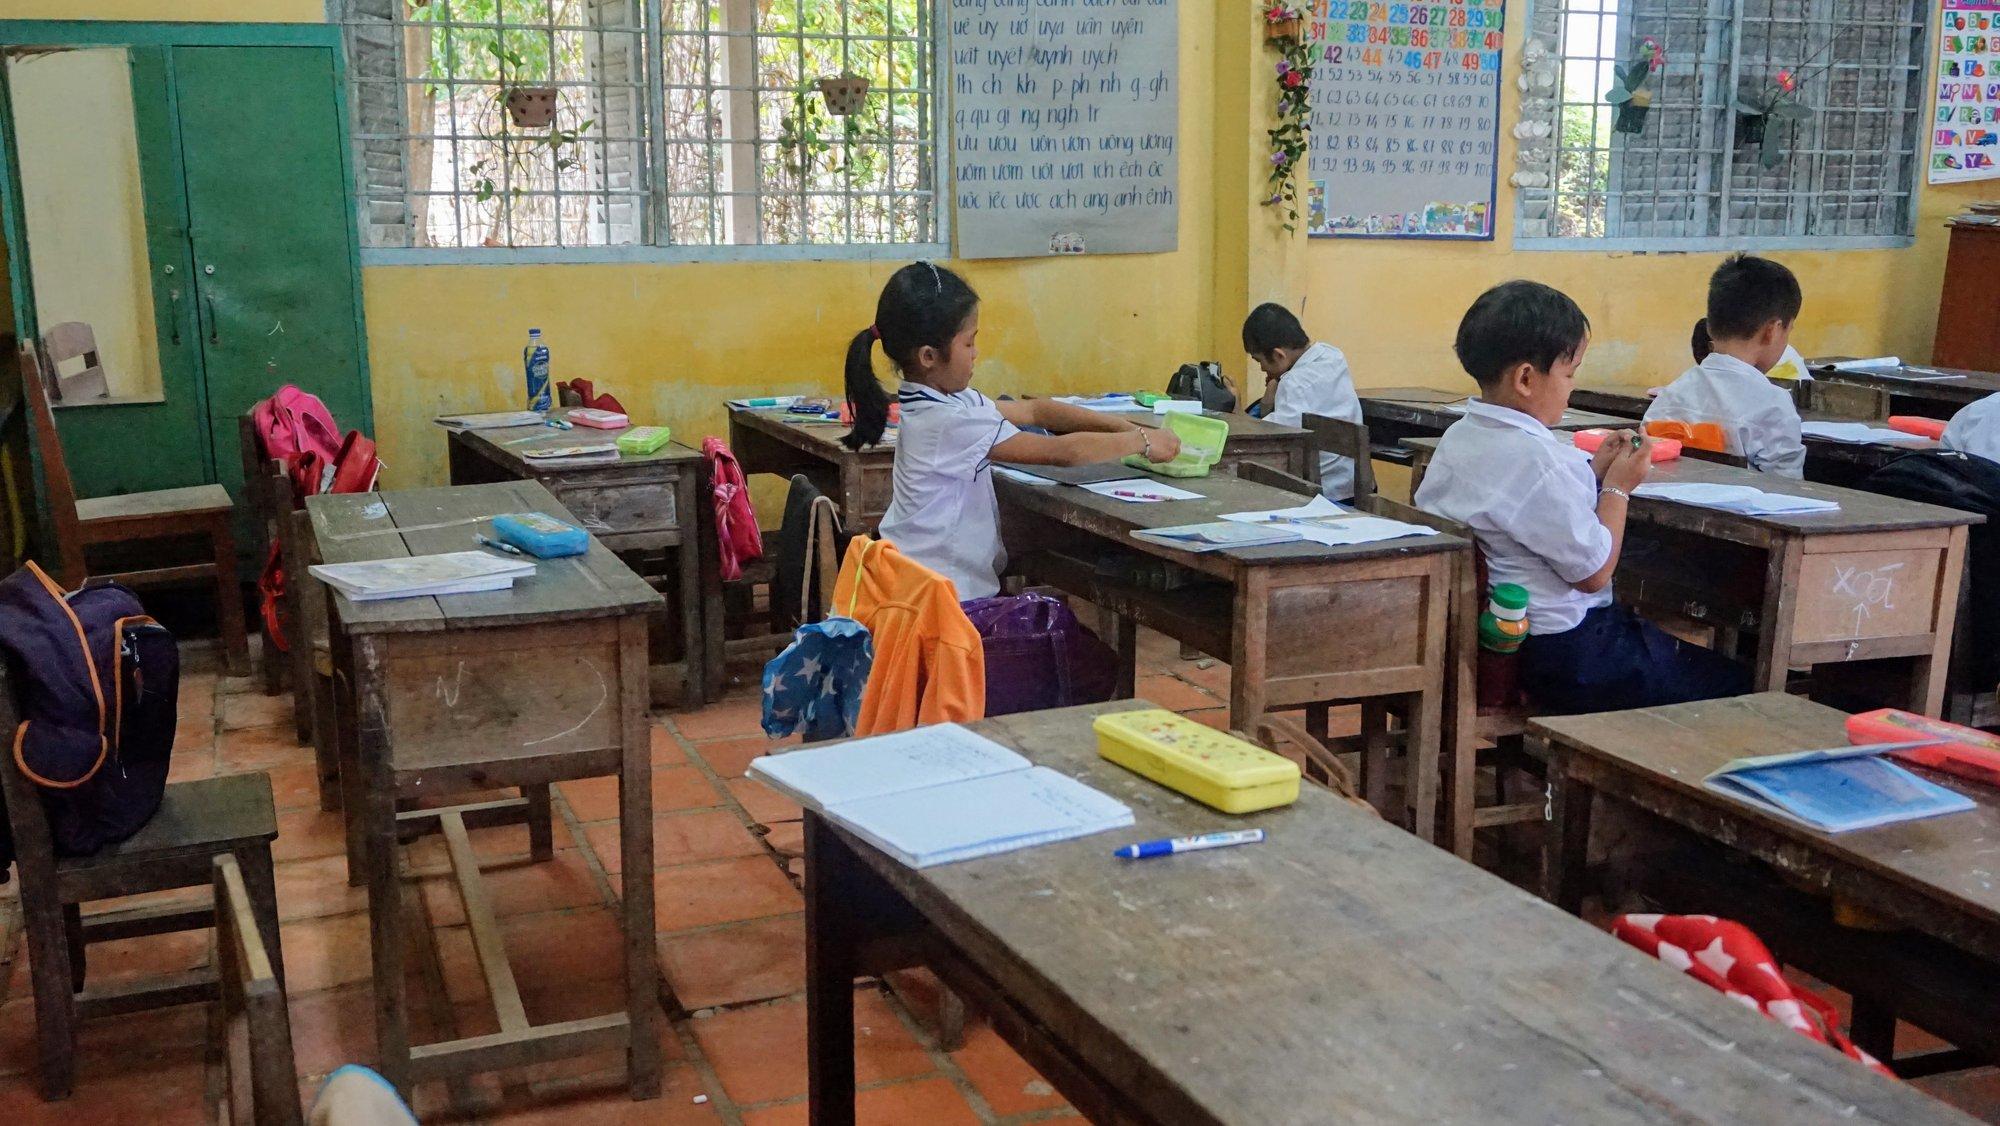 Classroom at Tập Ngãi C school